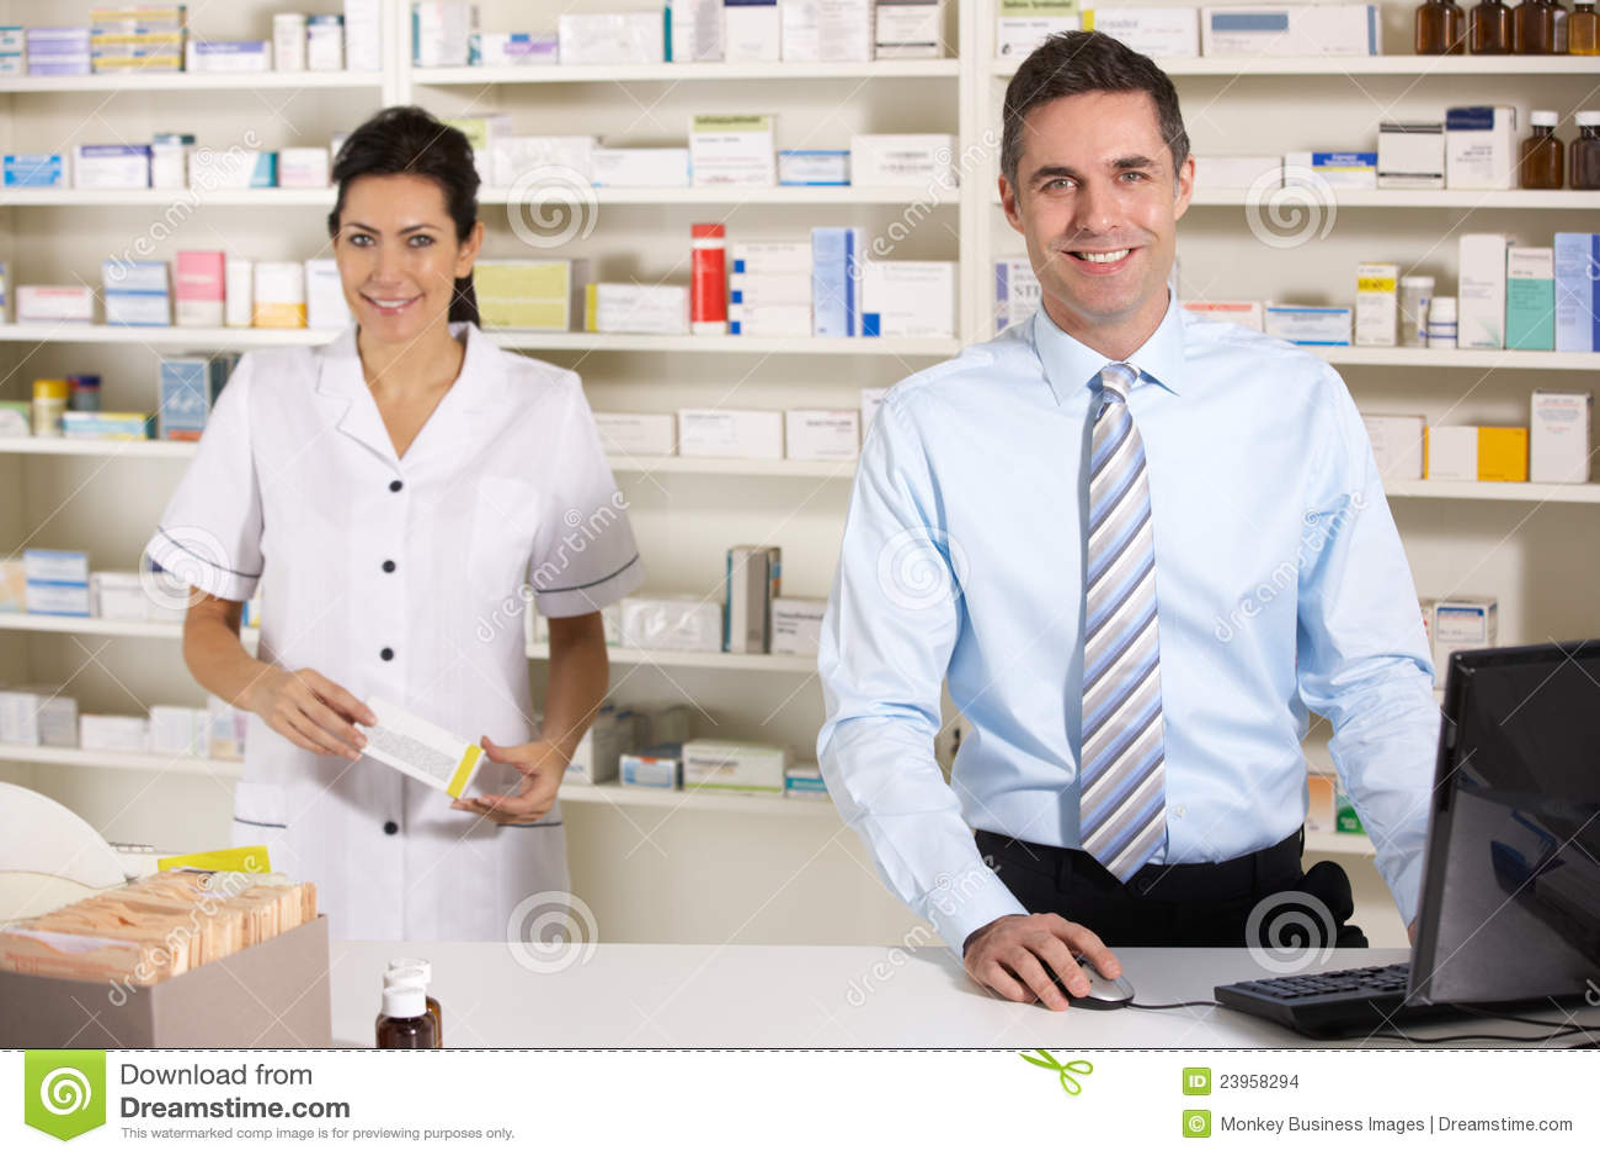 Βρετανικοί νοσοκόμα και φαρμακοποιός που εργάζονται στο φαρμακείο